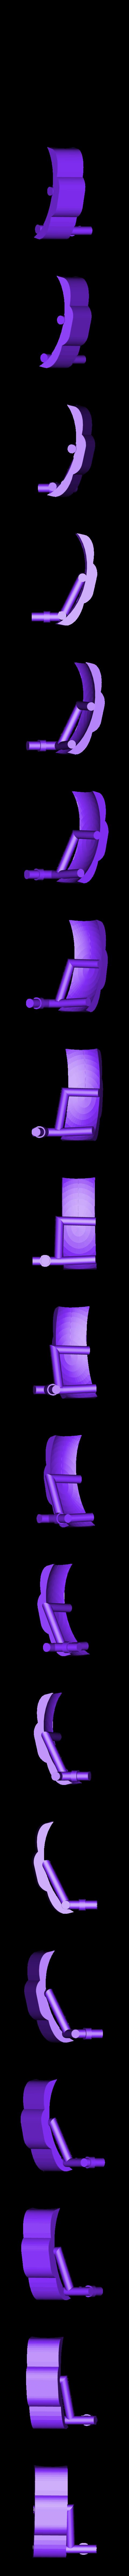 kappen-spatkap-wiel-l.stl Download free STL file quad (custom) • 3D printing design, jasperbaudoin